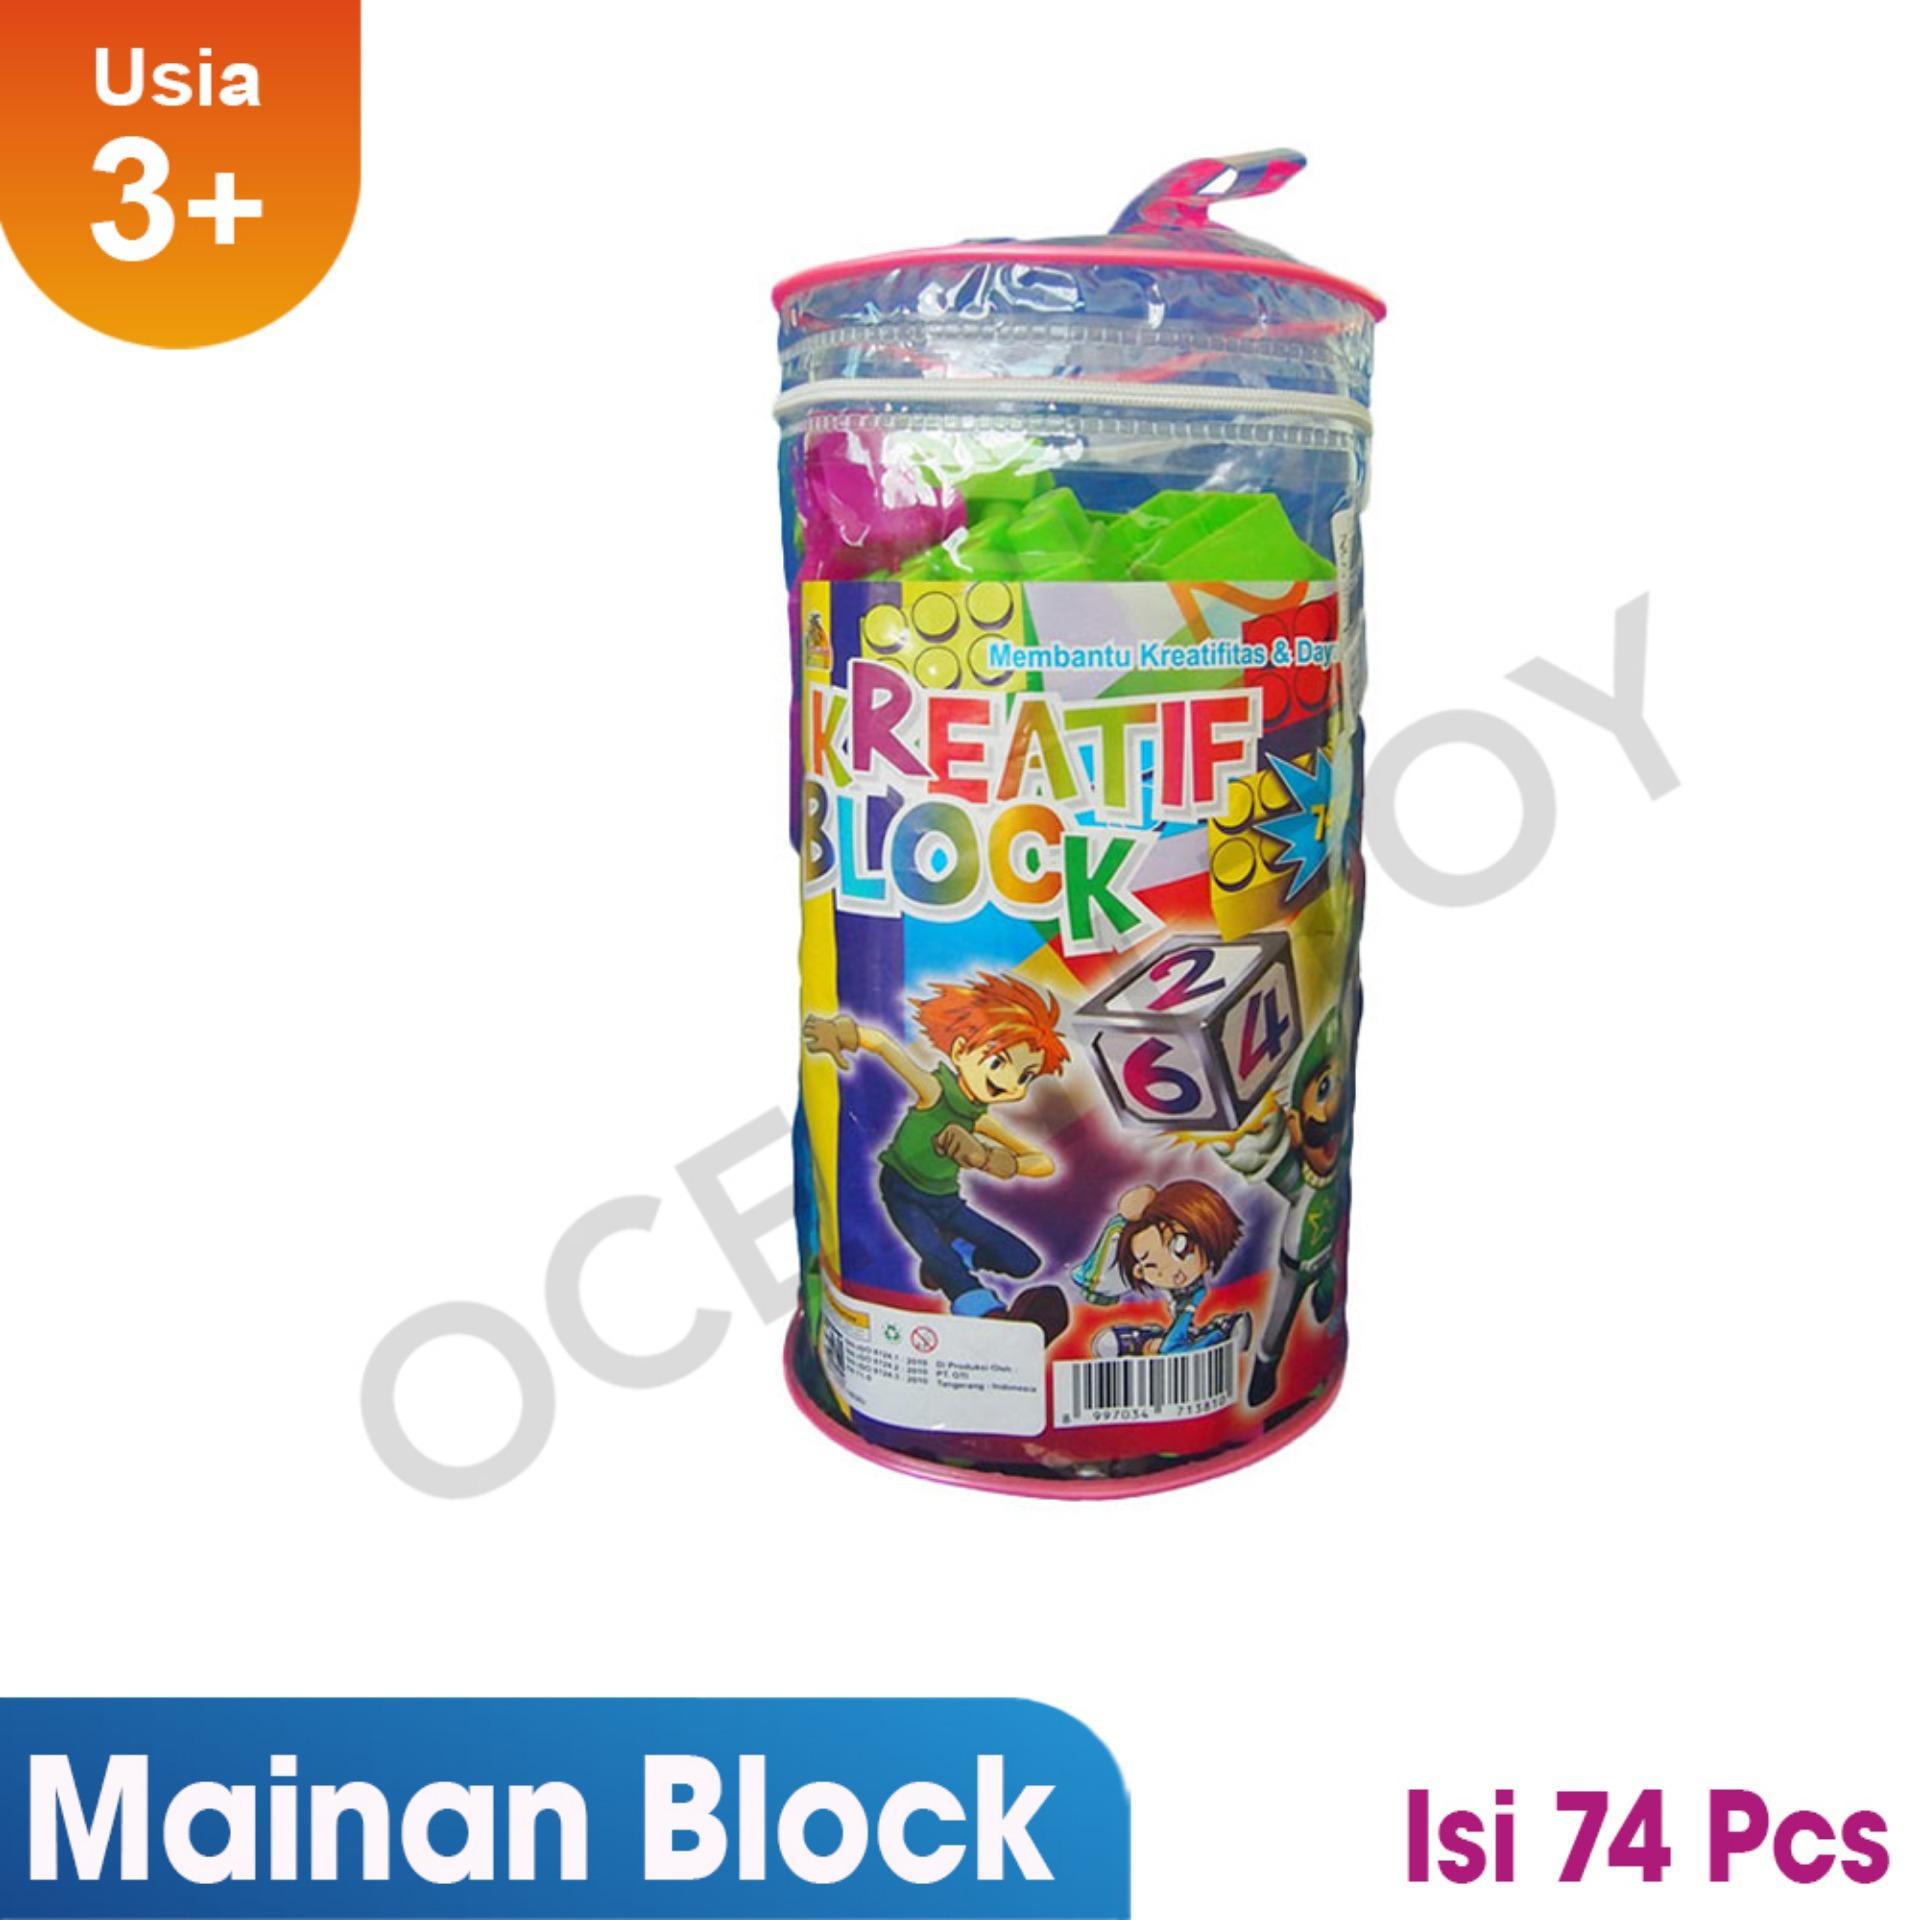 Ocean Toy Motor Cross Orang Mainan Anak Multicolor Oct5703 Daftar Atv Hijau Edukasi Oct7013 Creative Block Isi 74 Pcs Oct9201